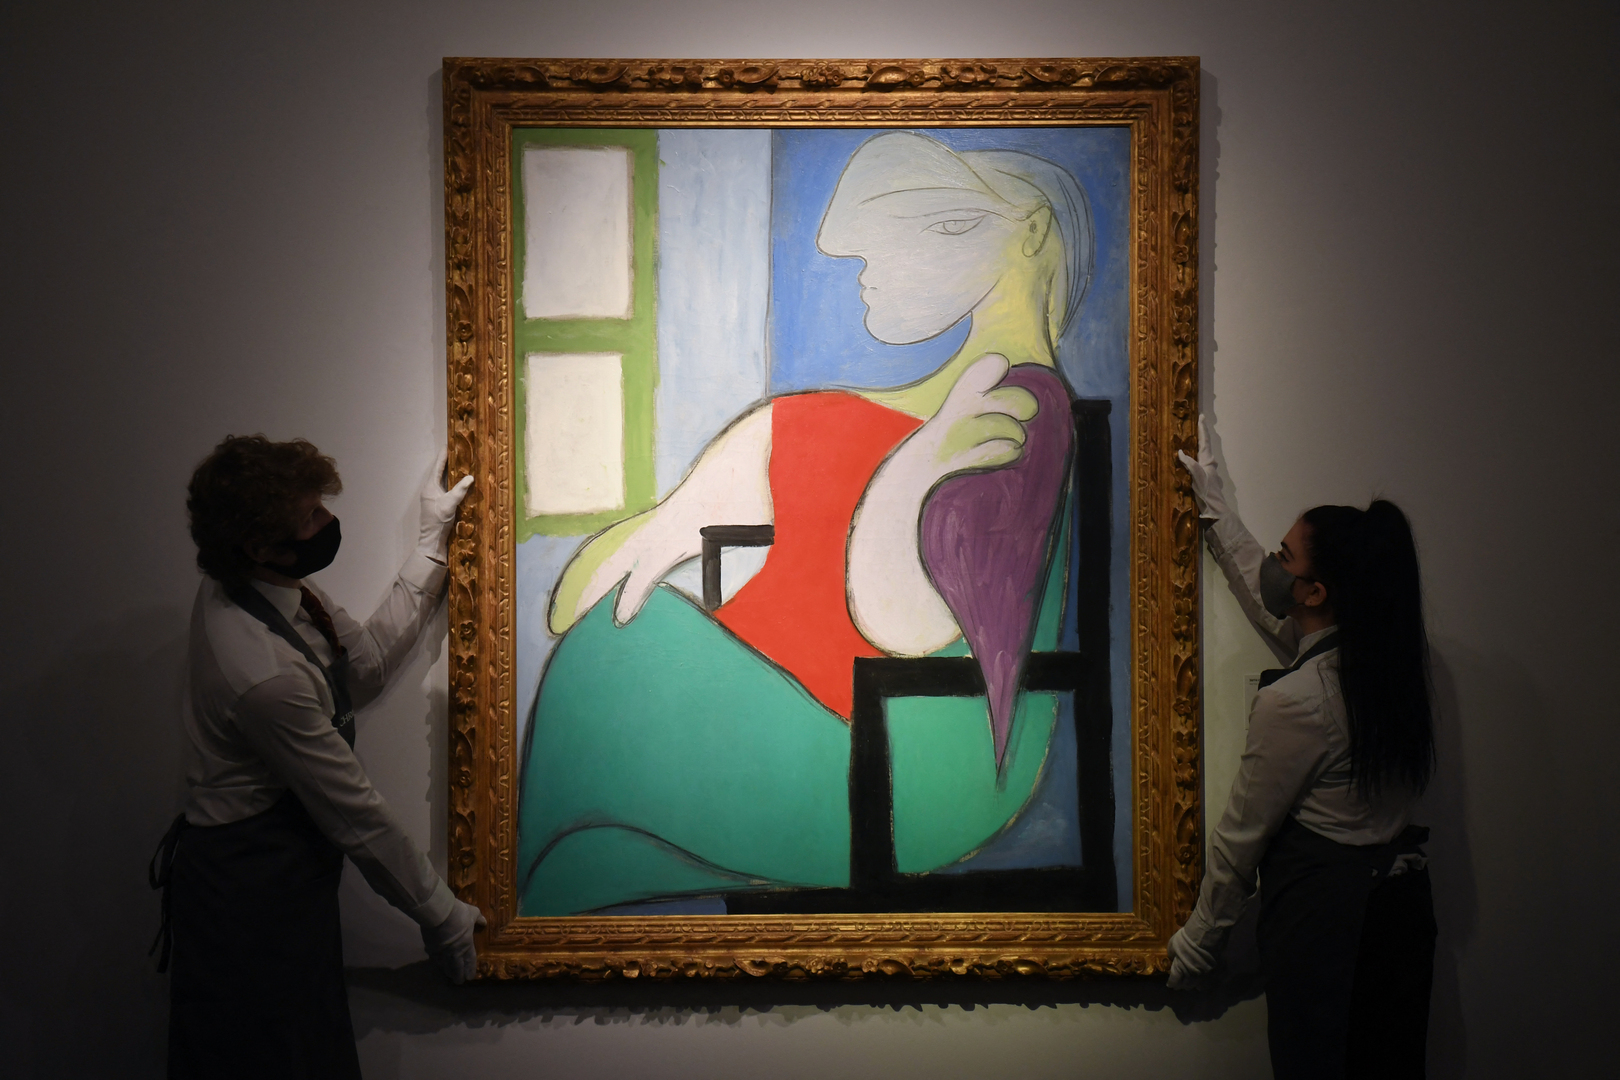 """لوحة """"المرأة الجالسة قرب النافذة"""" بريشة الفنان الإسباني بابلو بيكاسو في دار المزادات """"كريستيز"""""""